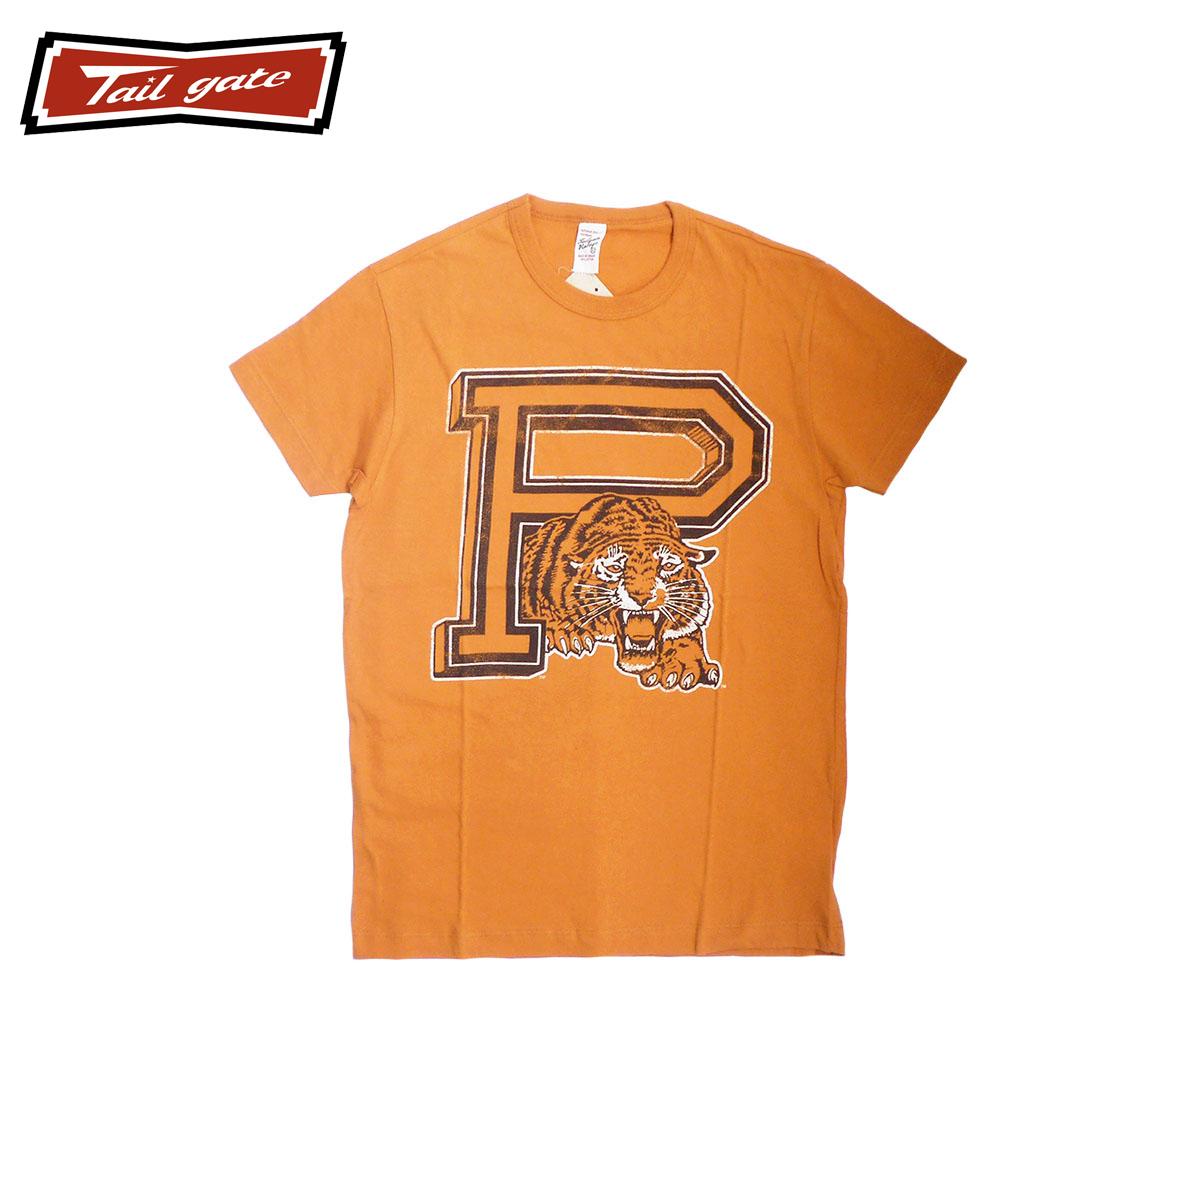 TAILGATE テイルゲート PRINCETON メンズ/レディース オレンジ XS-M[Tシャツ 半袖 半袖Tシャツ カットソー トラ 虎 動物 ロゴ カナダ カナダ製 アメカジ アメカジブランド アメカジファッション ブランド]